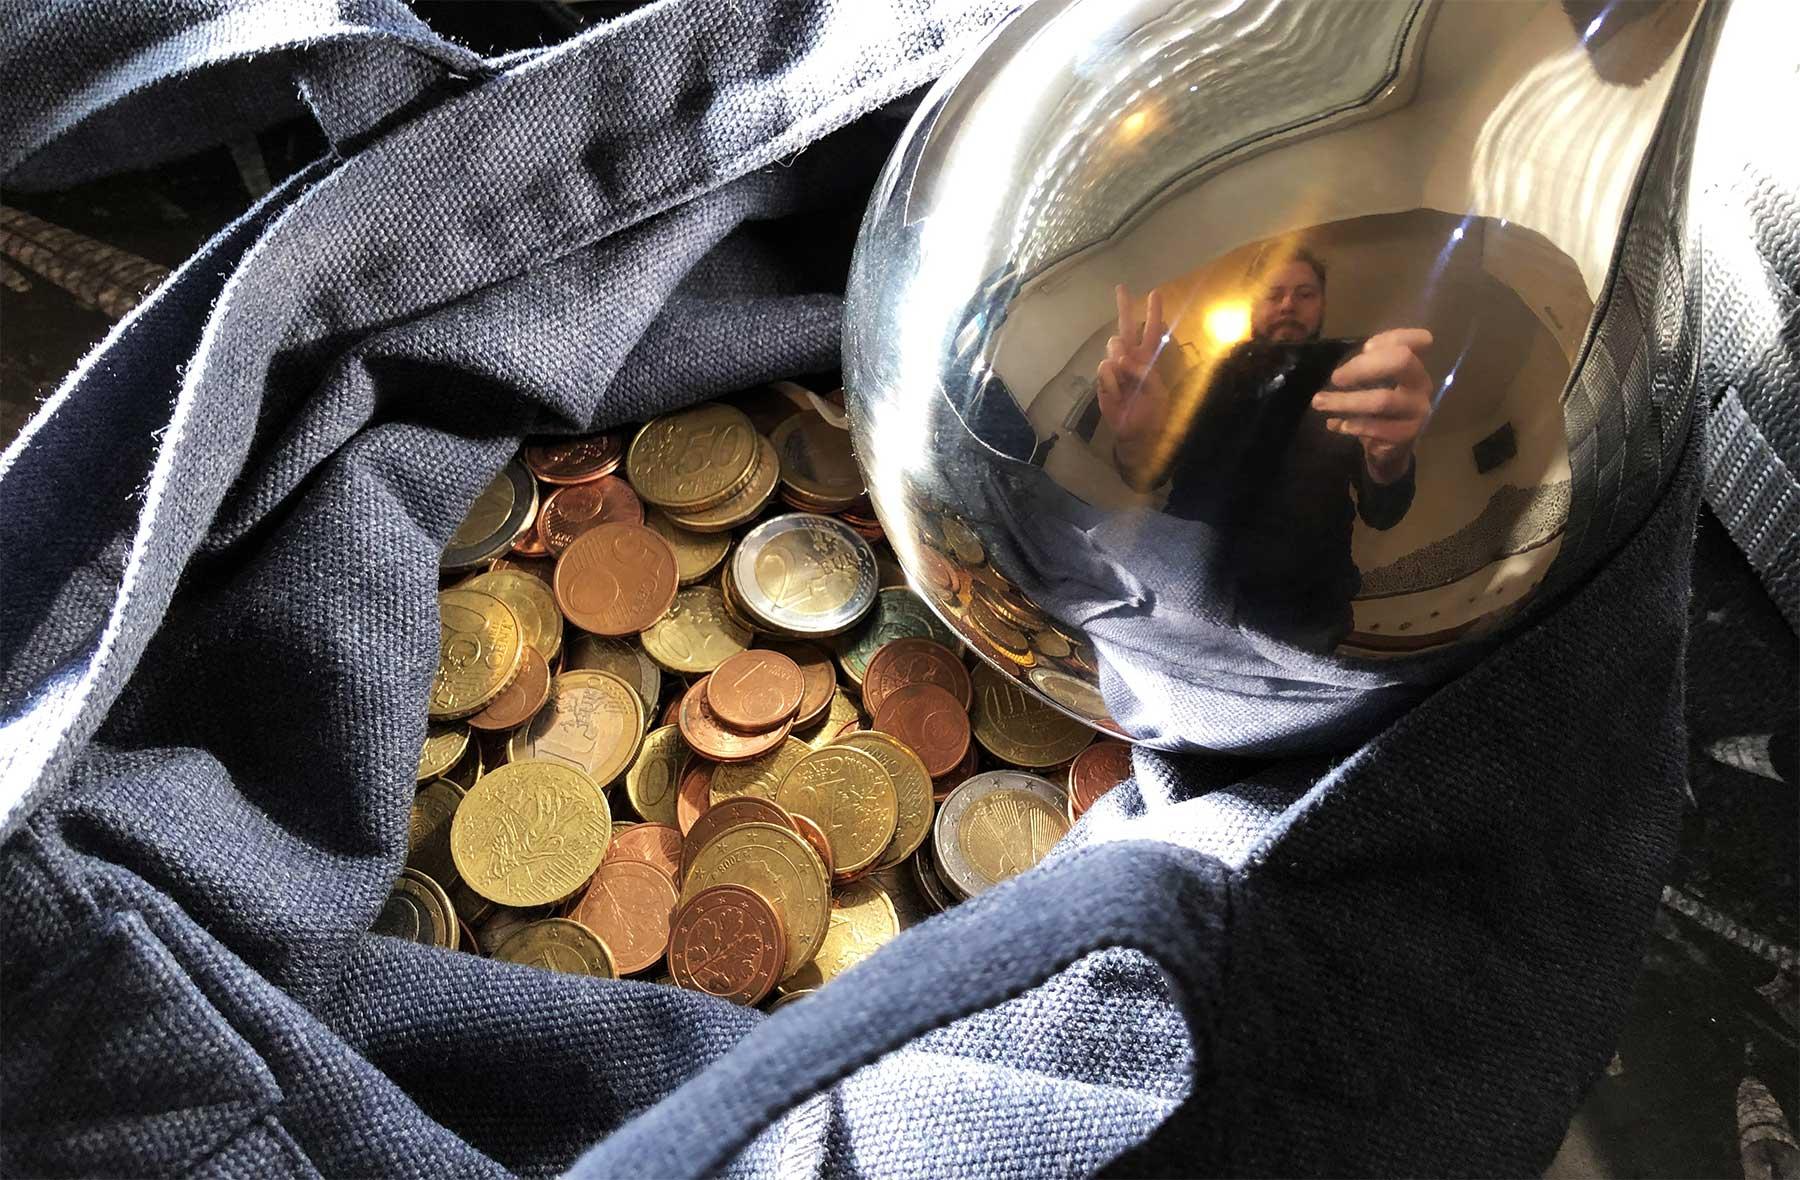 Auflösung vom Spardosenraten 2018